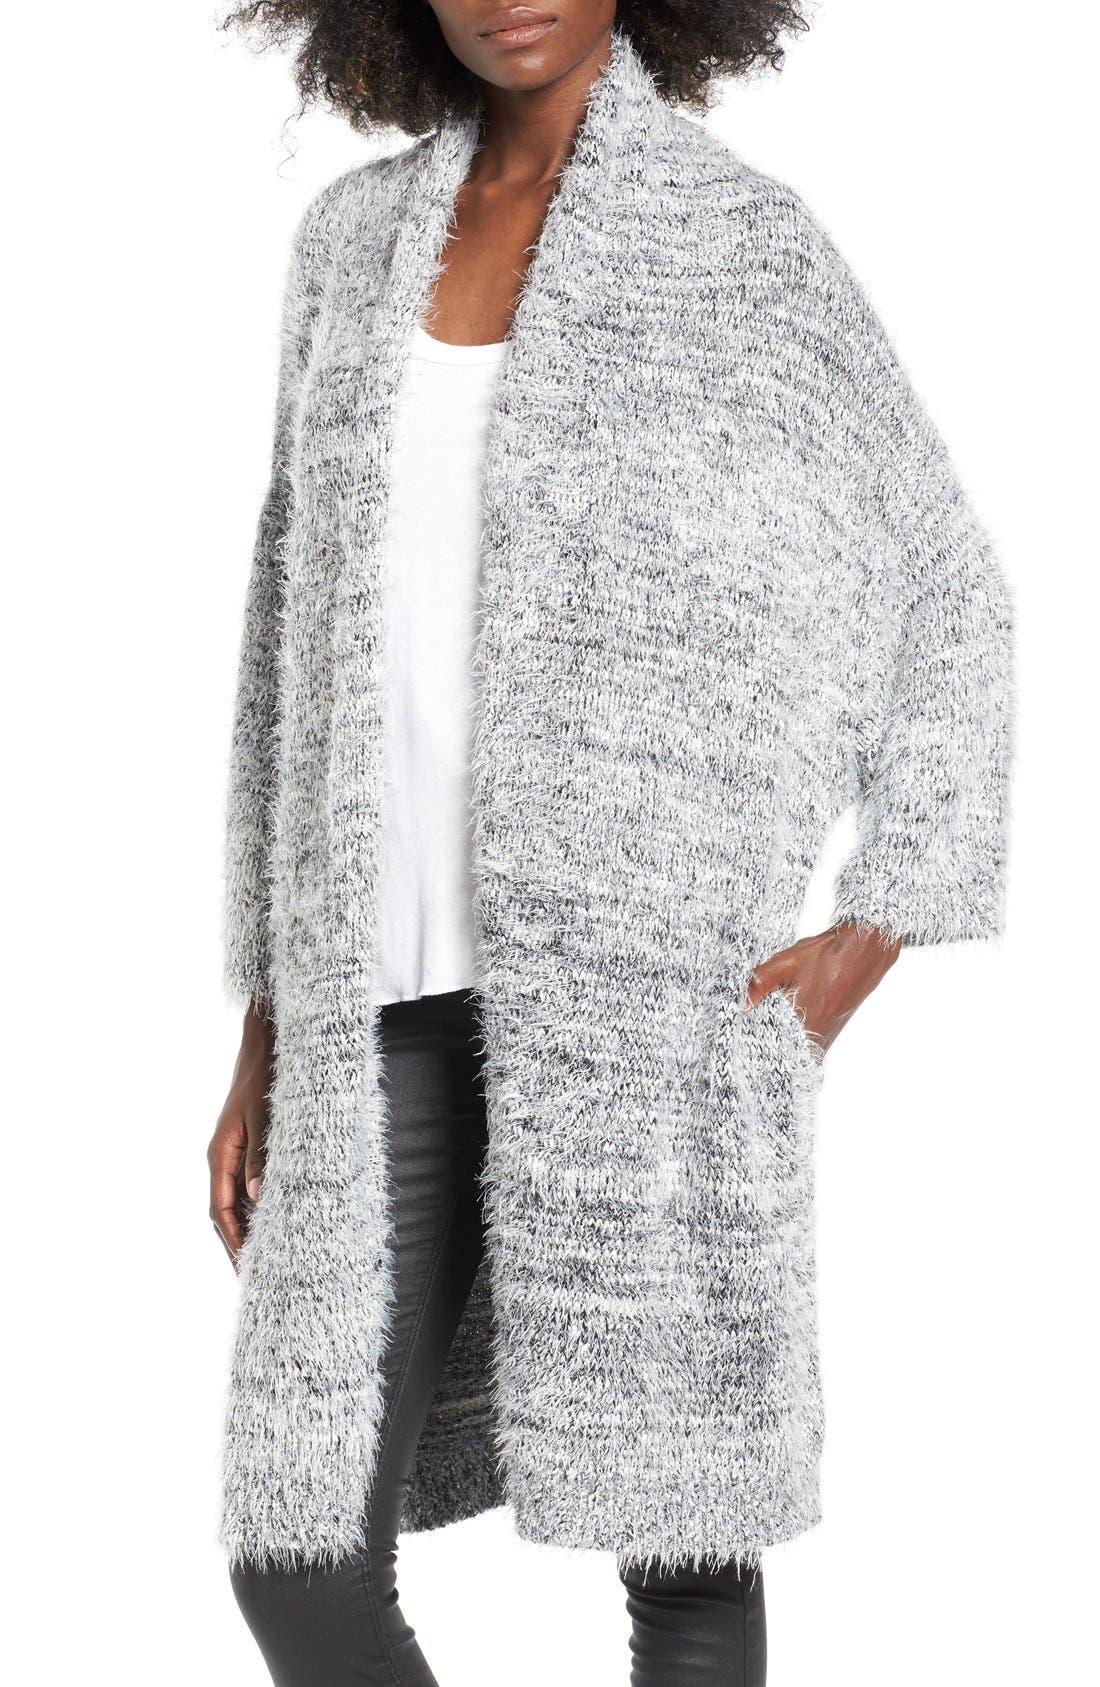 Main Image - Leith Fluffy Oversize Cardigan